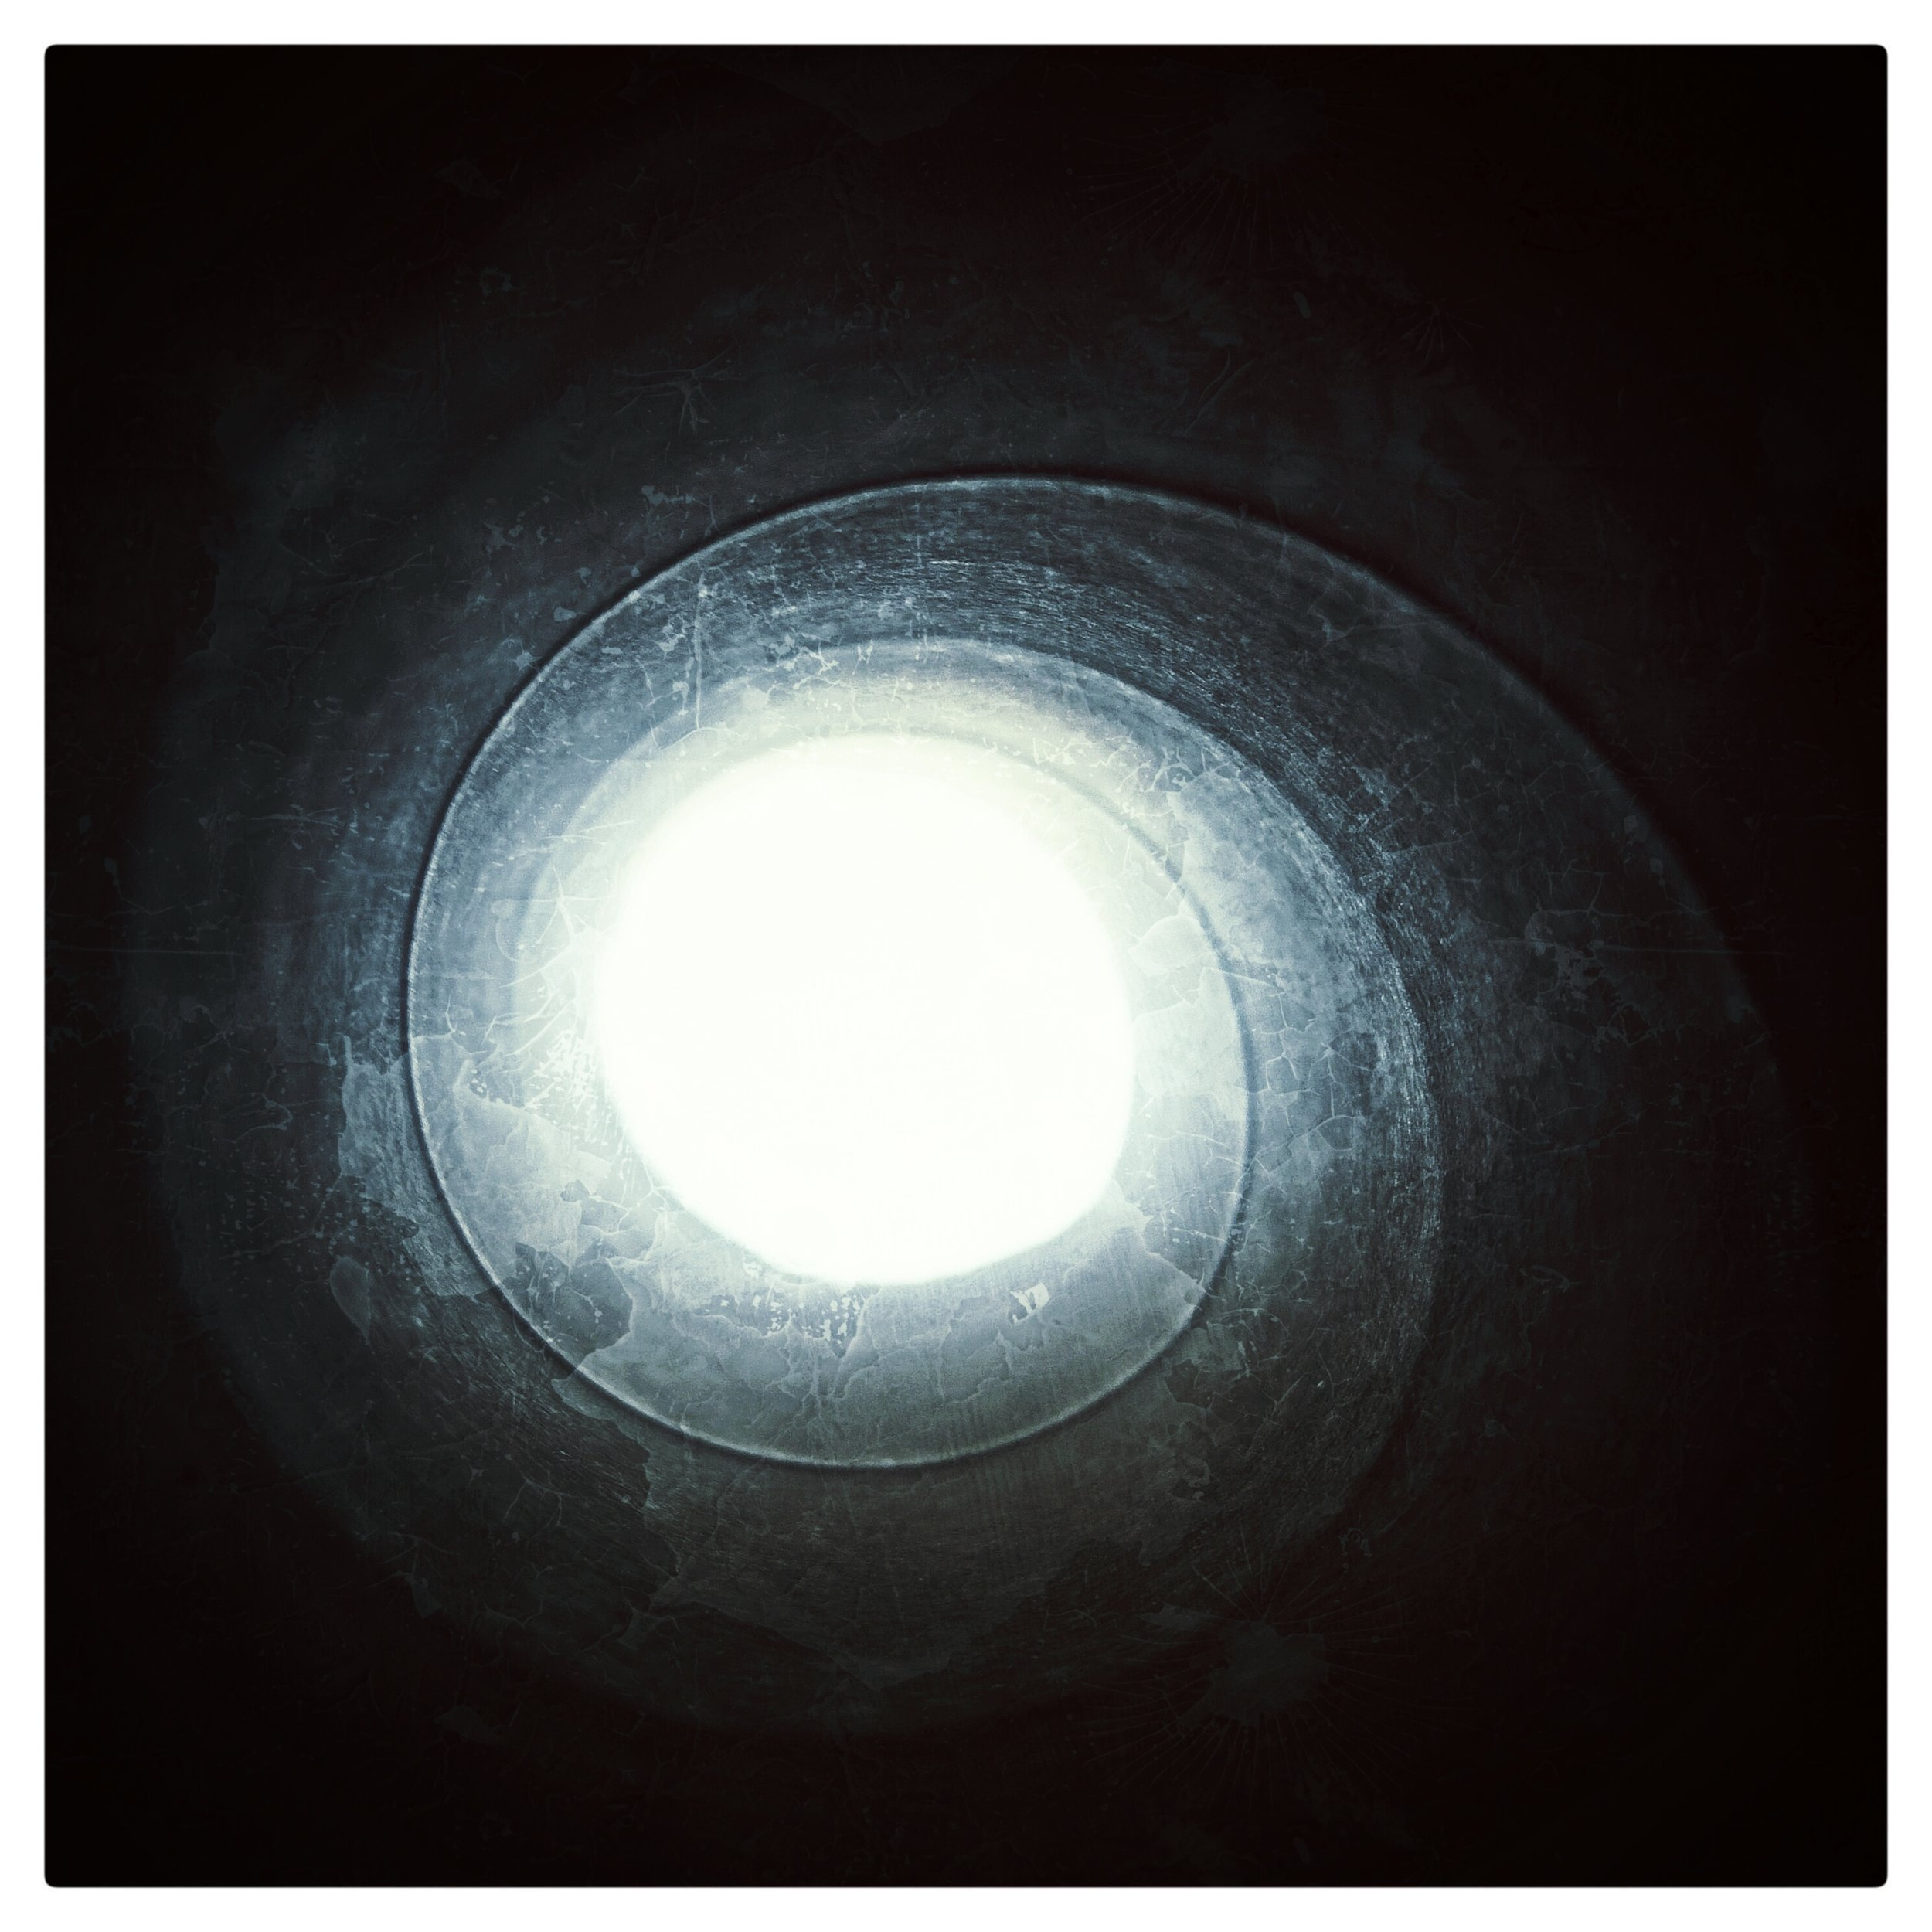 September 11 - Day 255: Spiral